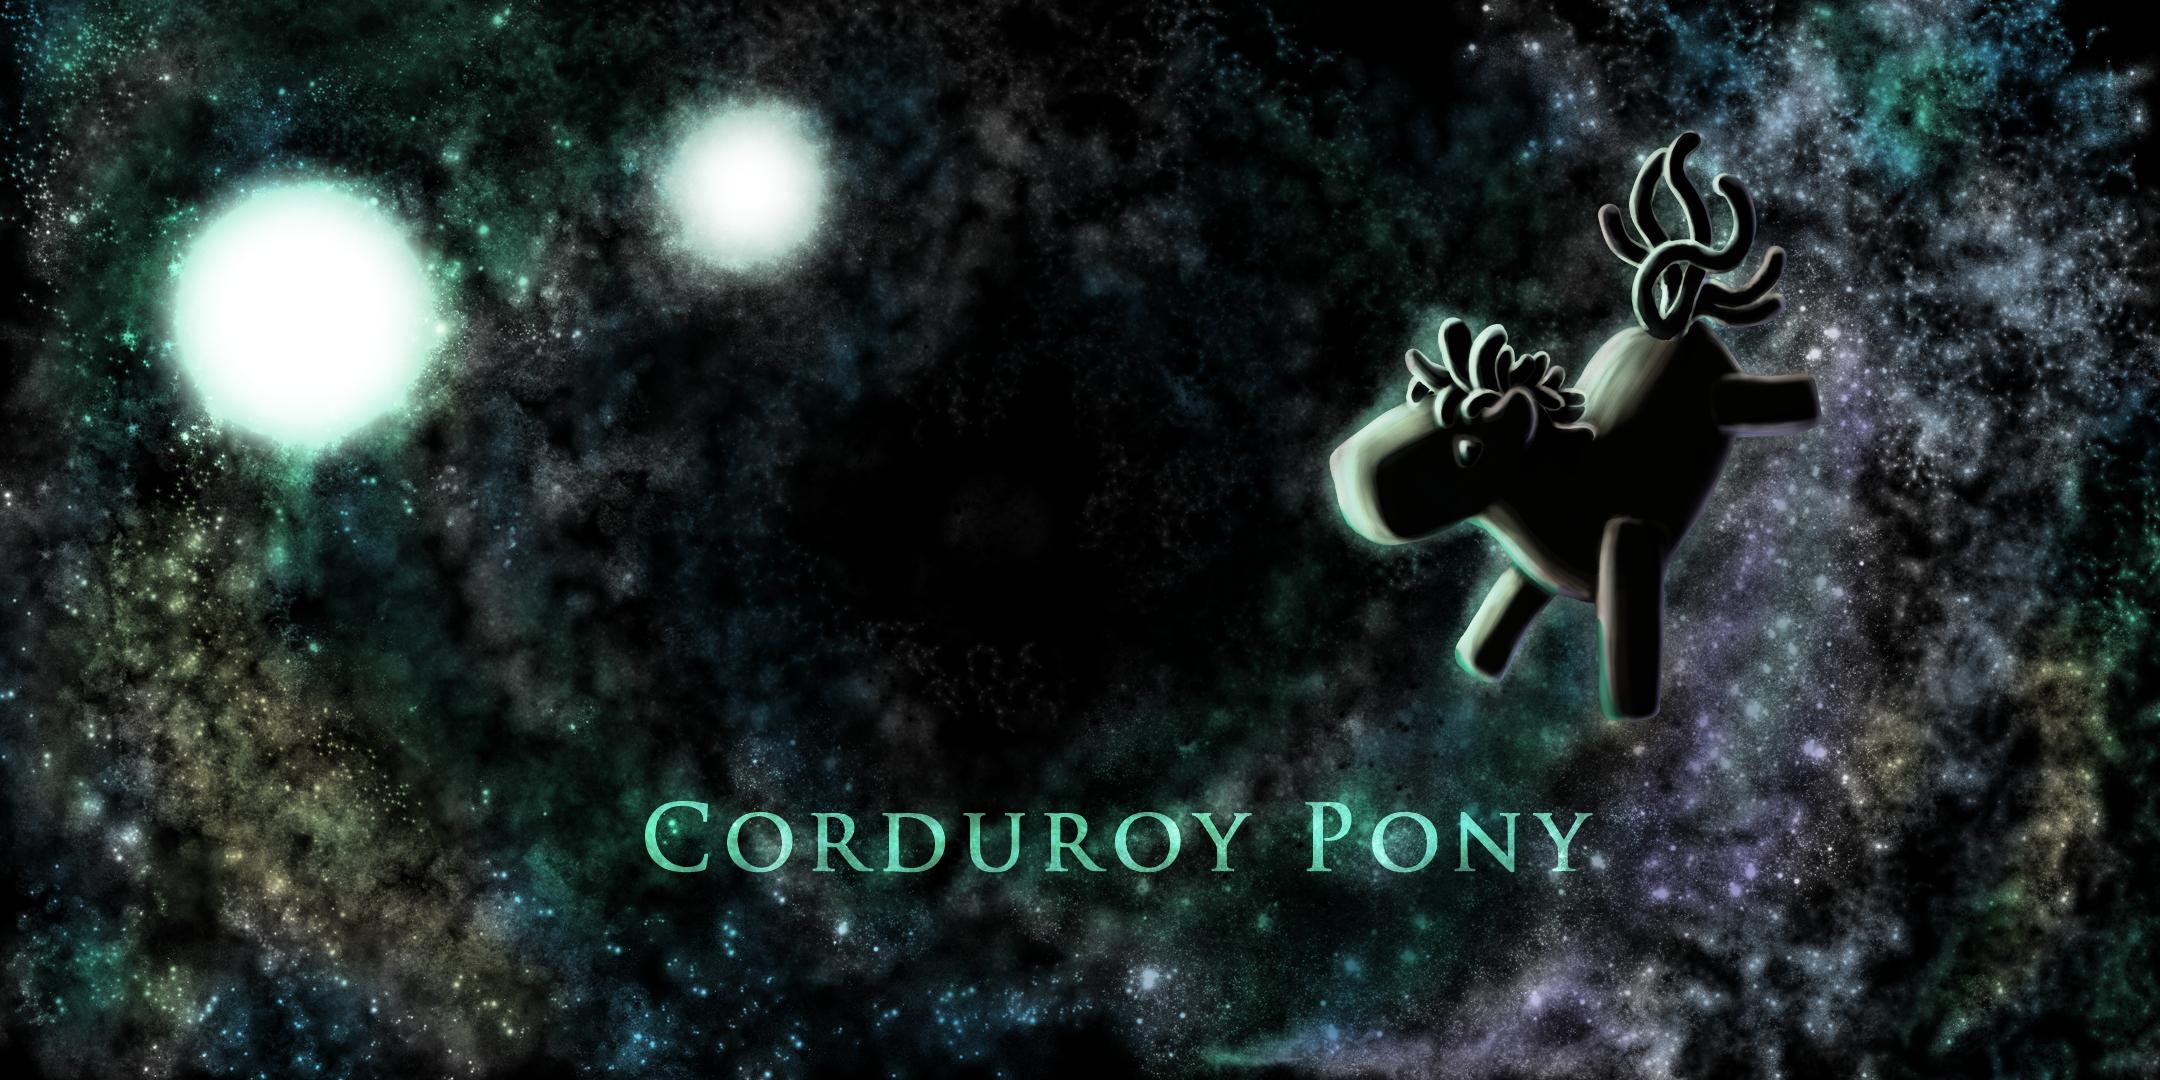 Corduroy Pony